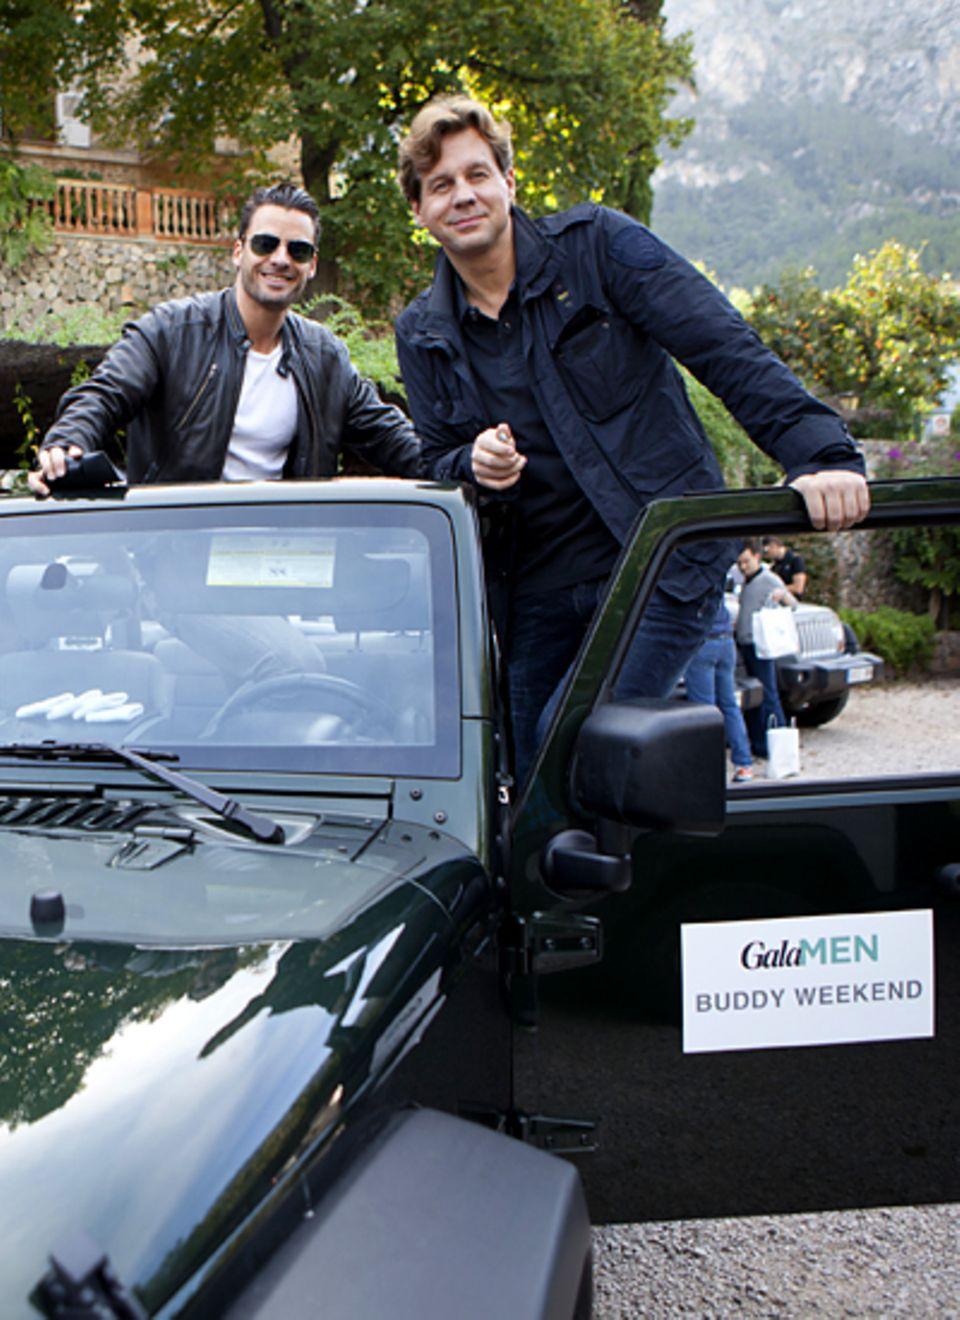 Gala MhEN Buddy Weekend: Die Schauspieler Tomas Heinze (r.) und Stephan Luca gingen als Team auf die Insel-Rallye.